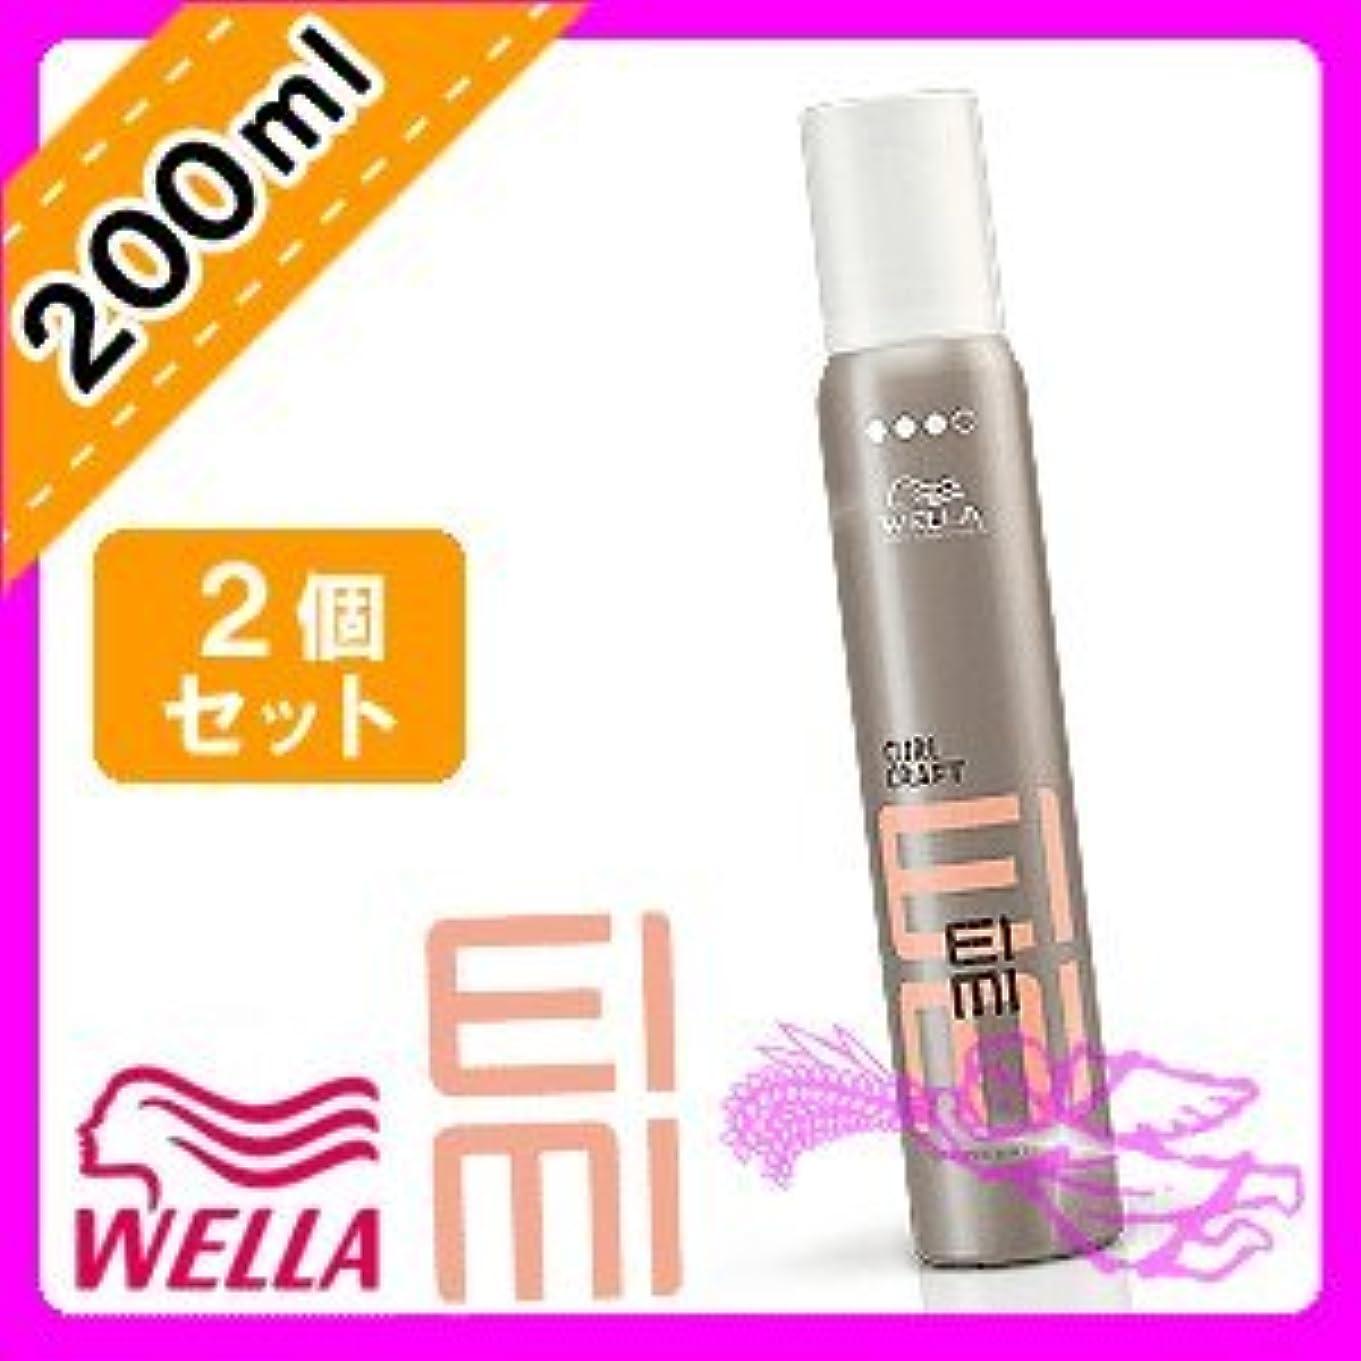 色合い仕える意気込みウエラ EIMI(アイミィ) カールクラフトワックスムース 200ml ×2個 セット WELLA P&G